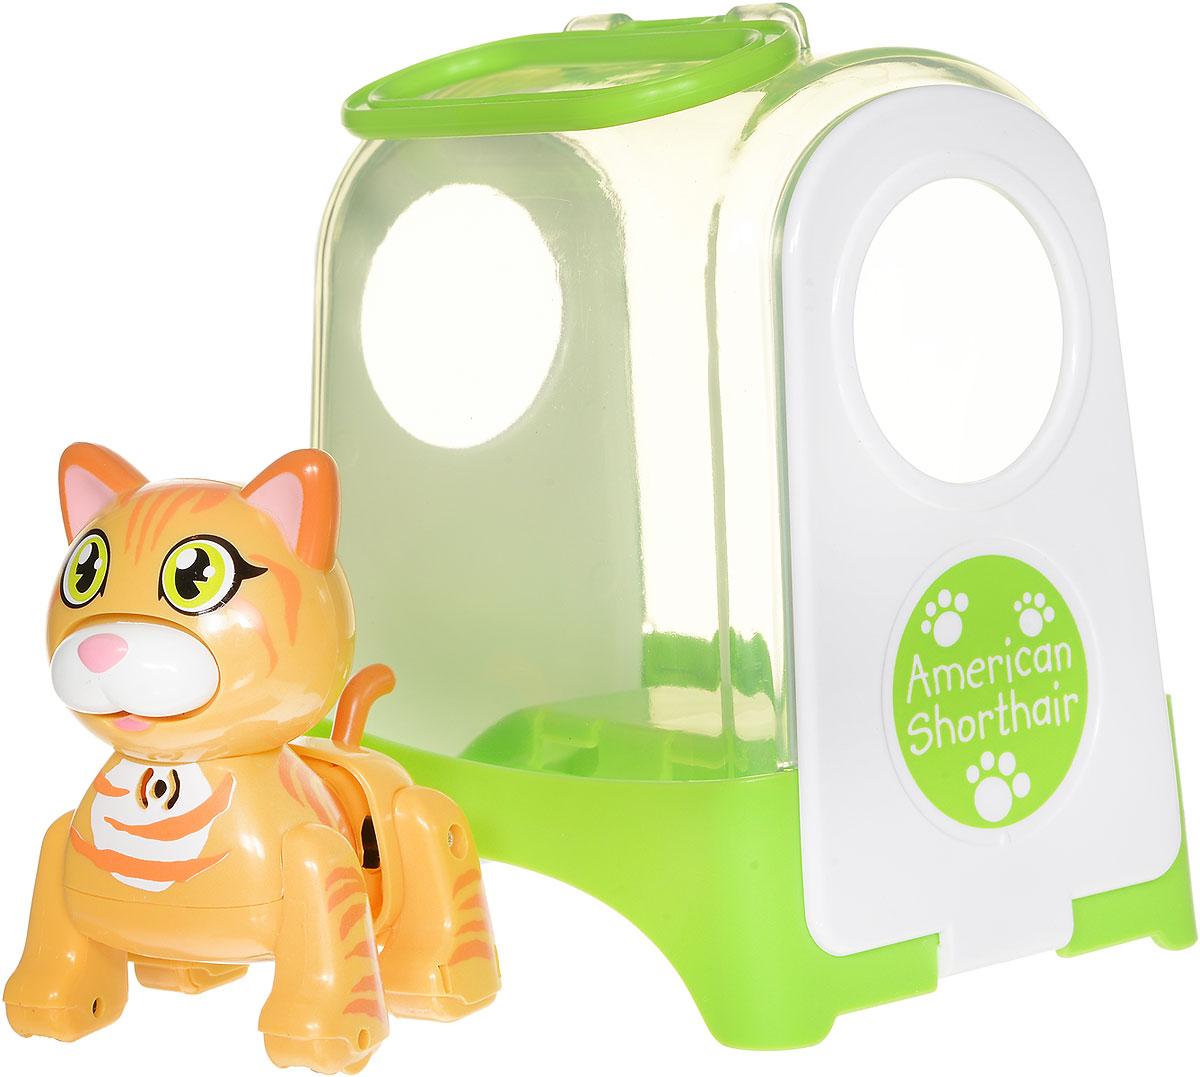 DigiFriends Интерактивная игрушка Котенок в переноске цвет желтый оранжевый88512_желтый, оранжевыйИнтерактивная игрушка DigiFriends Котенок в переноске непременно станет близким другом вашего малыша. Котенок умеет делать множество вещей, присущих настоящим домашним питомцам, и даже чуть больше! Нужно поиграть с животным, чтобы активизировать его: потрогать за голову, похлопать в ладоши или посвистеть. Котенок умеет самостоятельно ходить вперед и назад, издает приятные звуки и поет одну из встроенных песенок-мелодий. Во время передвижения задняя часть тела котенка раскачивается в ритме звучащих мелодий, а спинка шевелится подобно шерсти настоящей кошки. Также вы можете брать его с собой на прогулку и носить его в специальной кошачьей переноске, которая входит в комплект. Игрушка синхронизируется с LilPuppies и LilKittens. Создайте свою коллекцию интерактивных котят различных пород! Игрушка изготовлена из высококачественного пластика, который не содержит вредных химических веществ. Рекомендуется докупить 3 батарейки напряжением 1,5V типа АG13 (товар комплектуется...